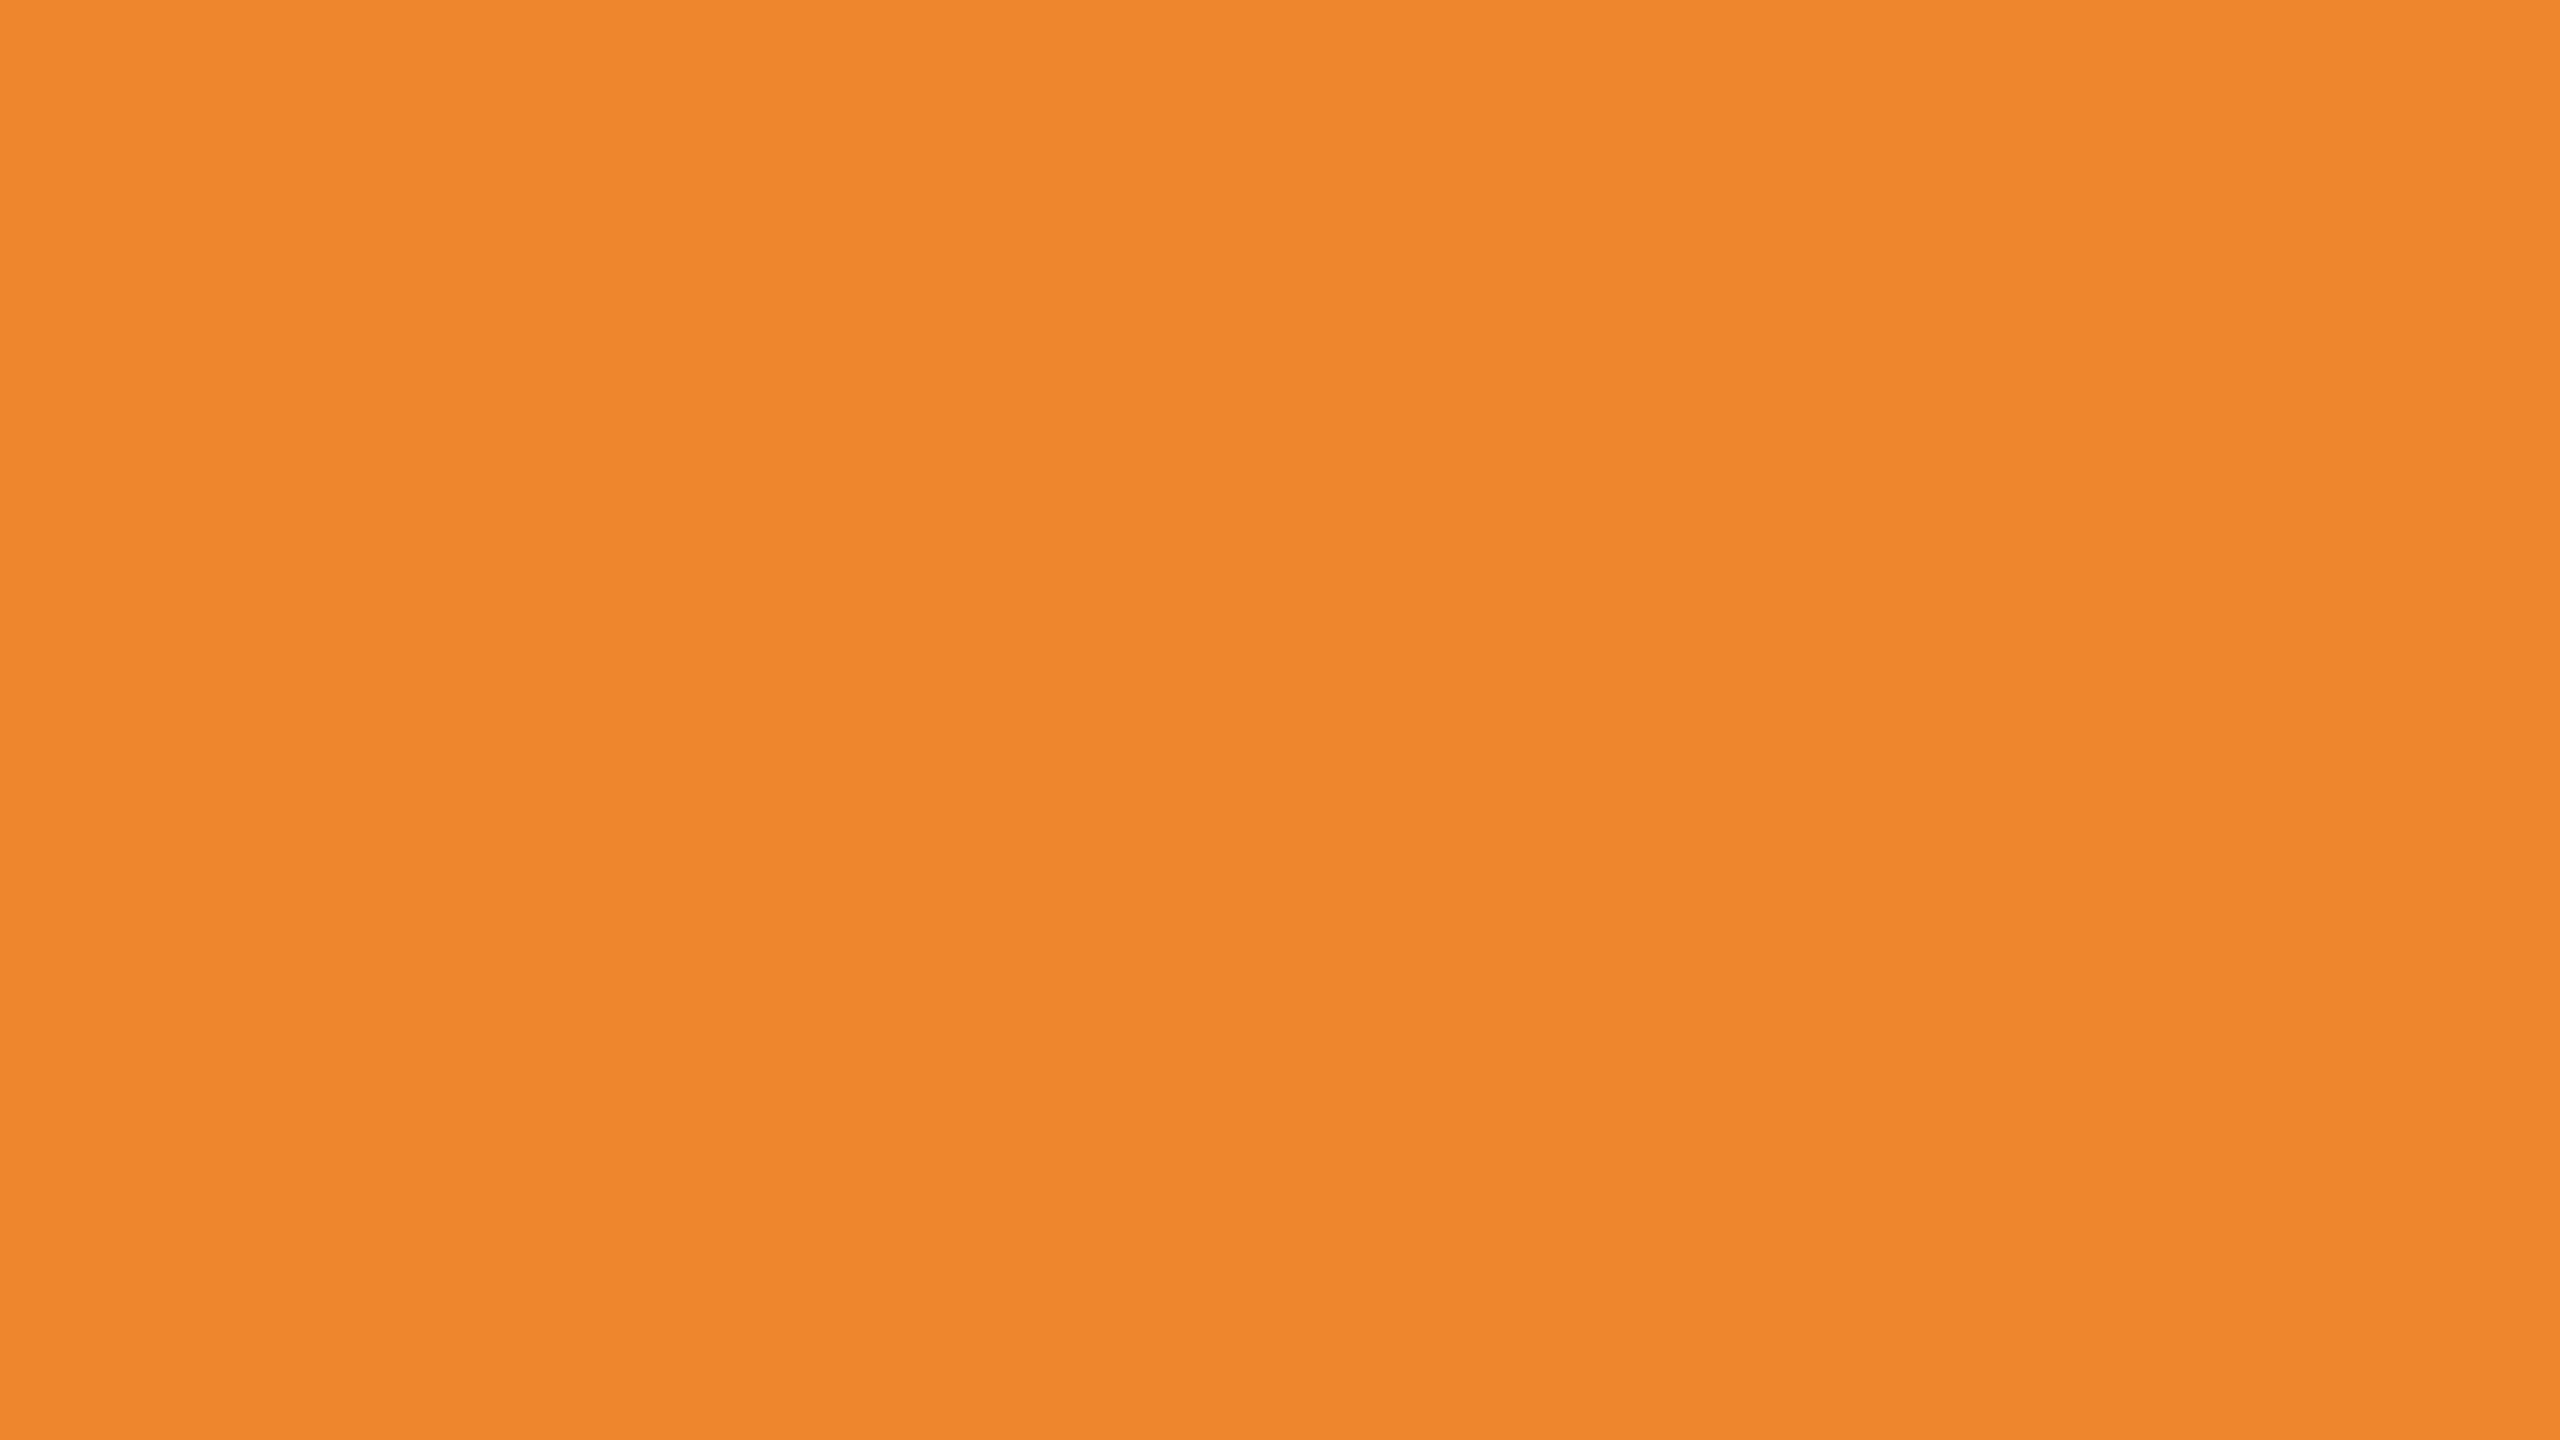 2560x1440 Cadmium Orange Solid Color Background